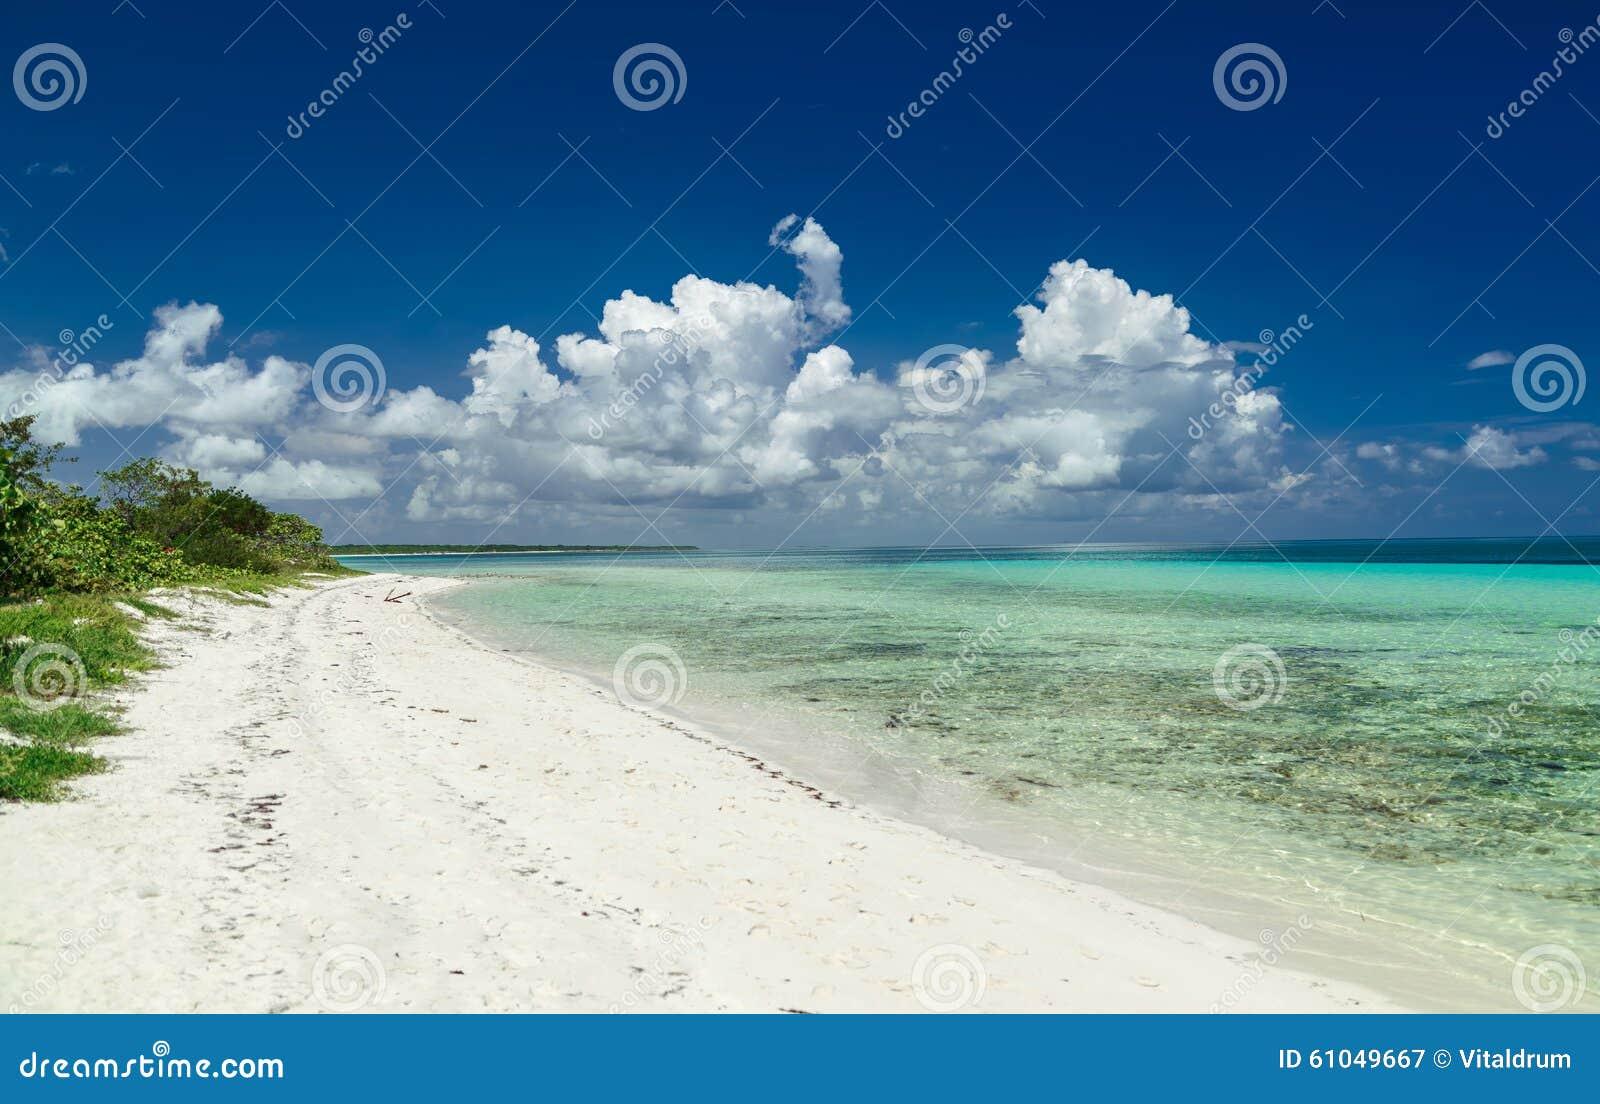 Inviterande fantastisk naturlig landskapsikt av den kubanska stranden mot djupblå himmel och stillsamt, turkoshav